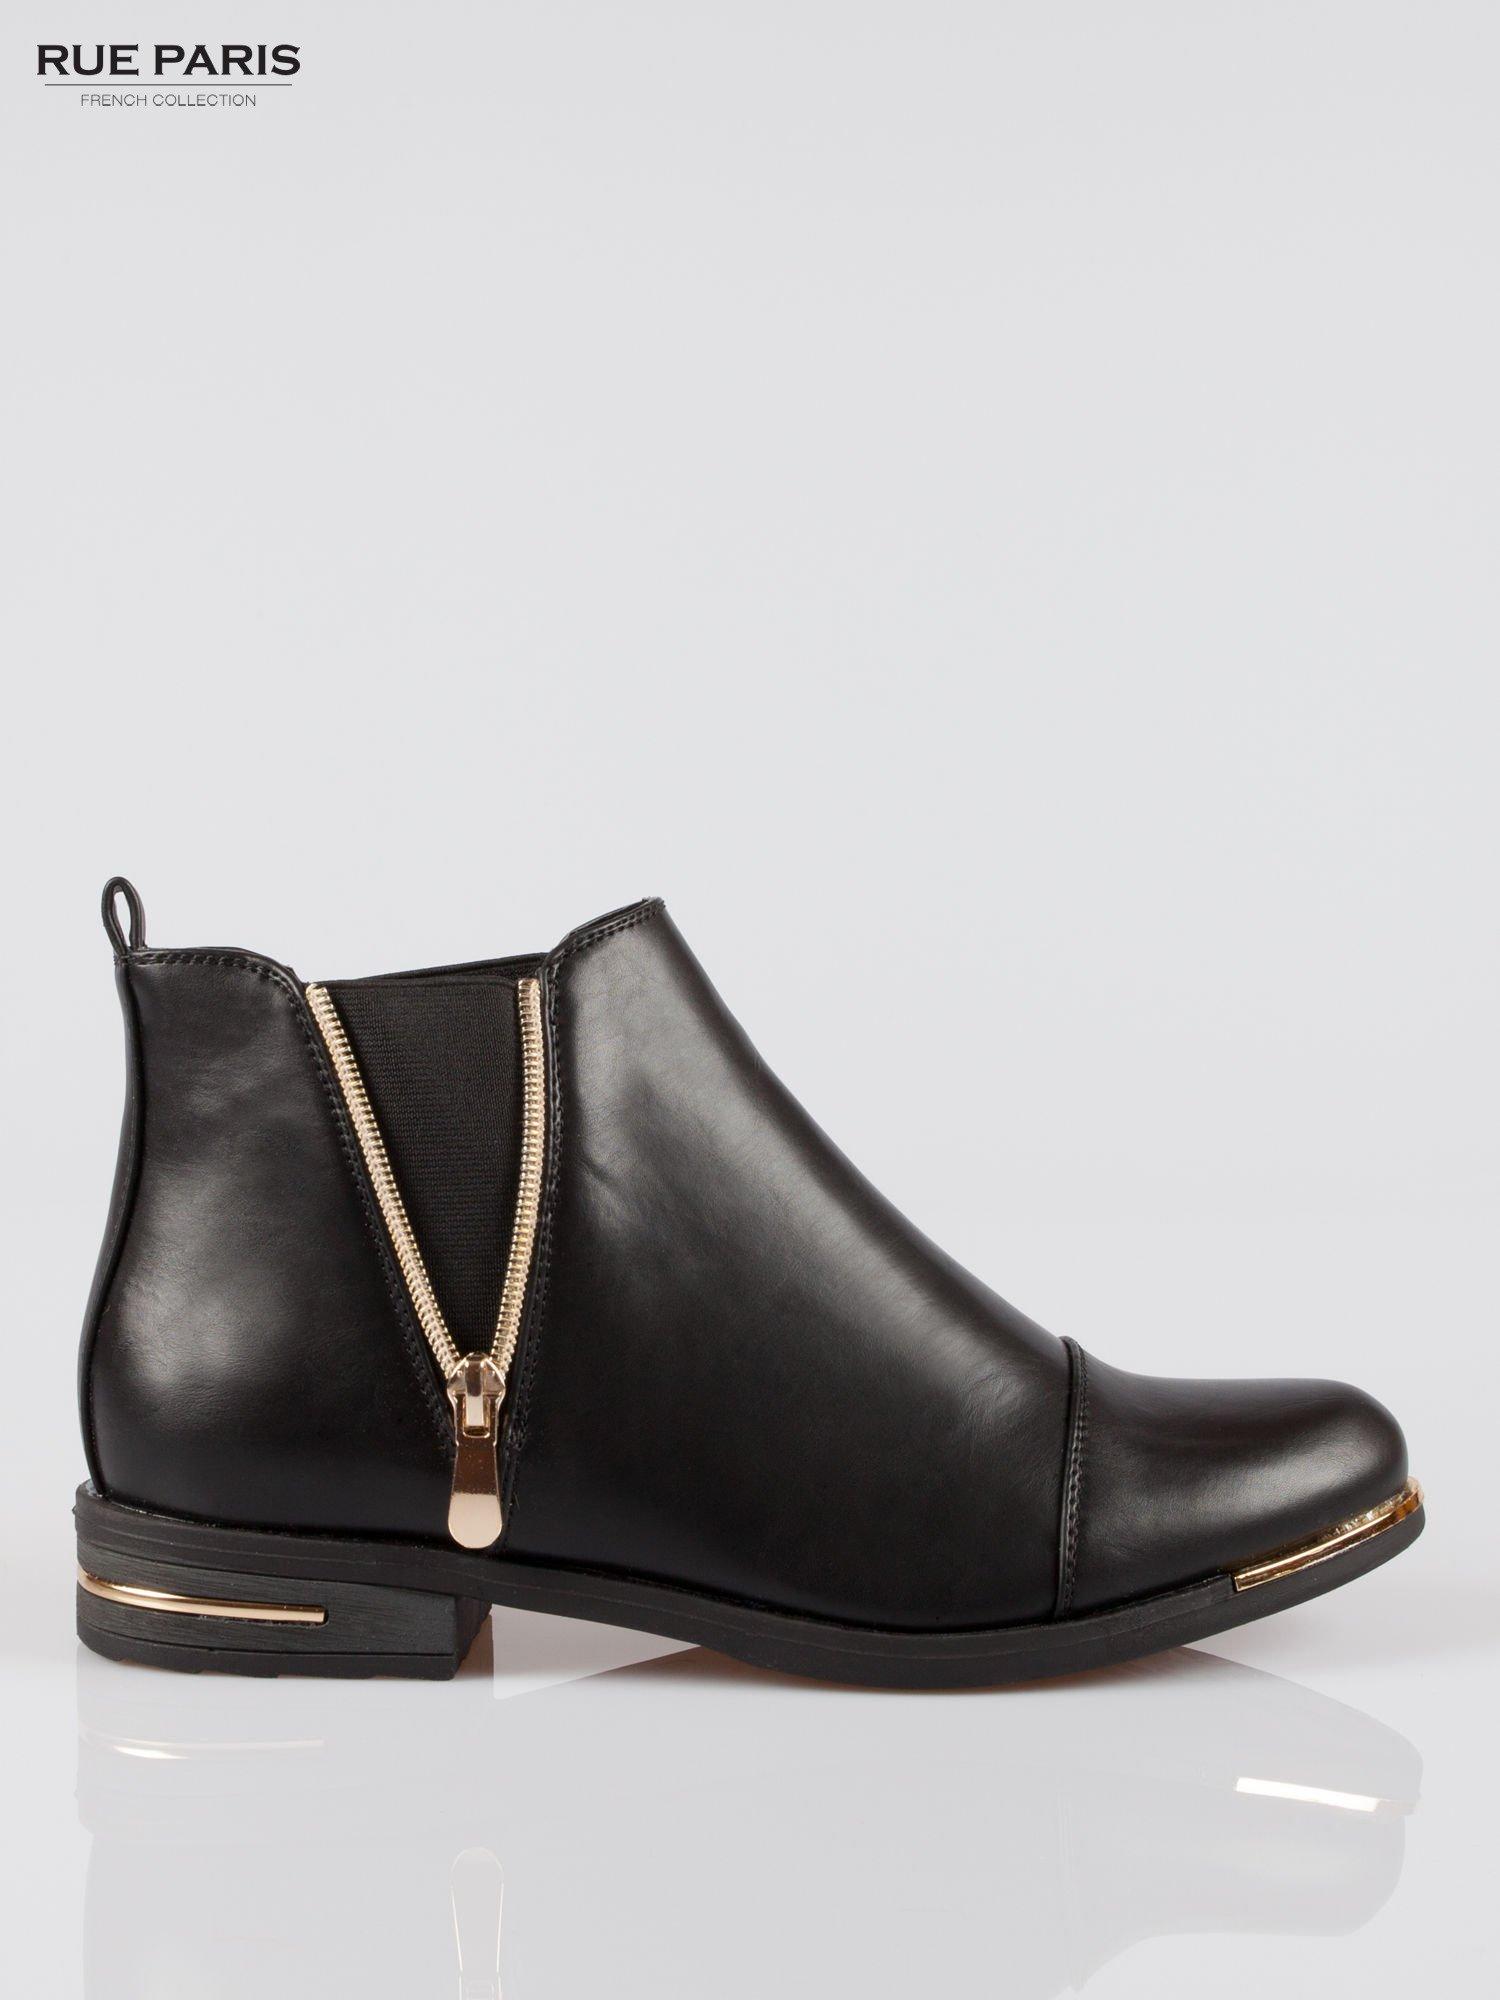 Czarne płaskie botki cap toe ze złotym suwakiem i obcasem                                  zdj.                                  1